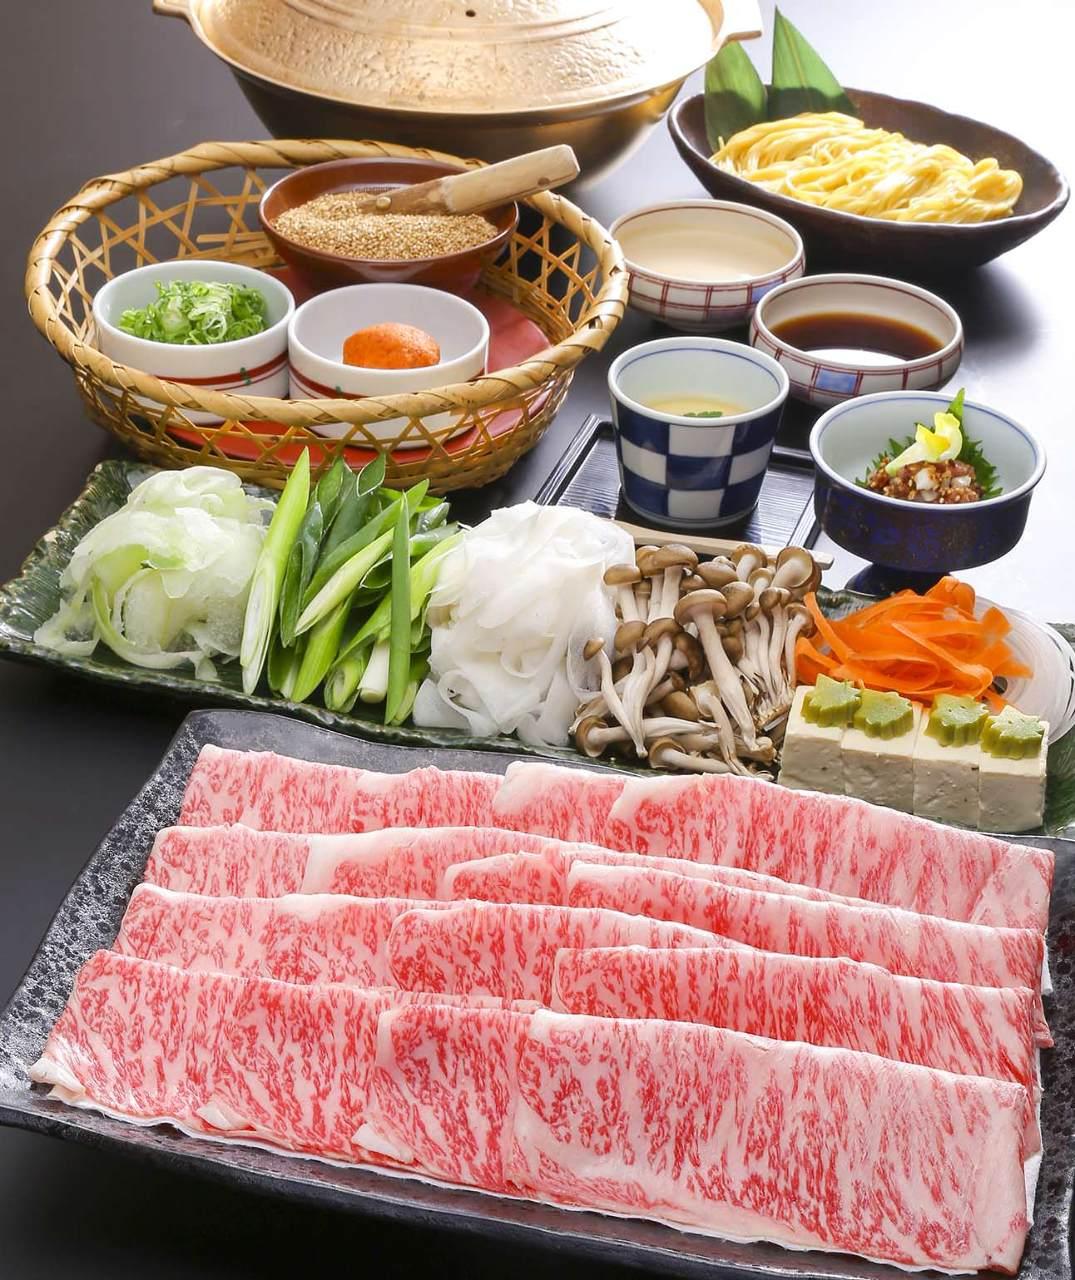 しゃぶしゃぶ・日本料理 桂 大阪マルビル店のイメージ写真